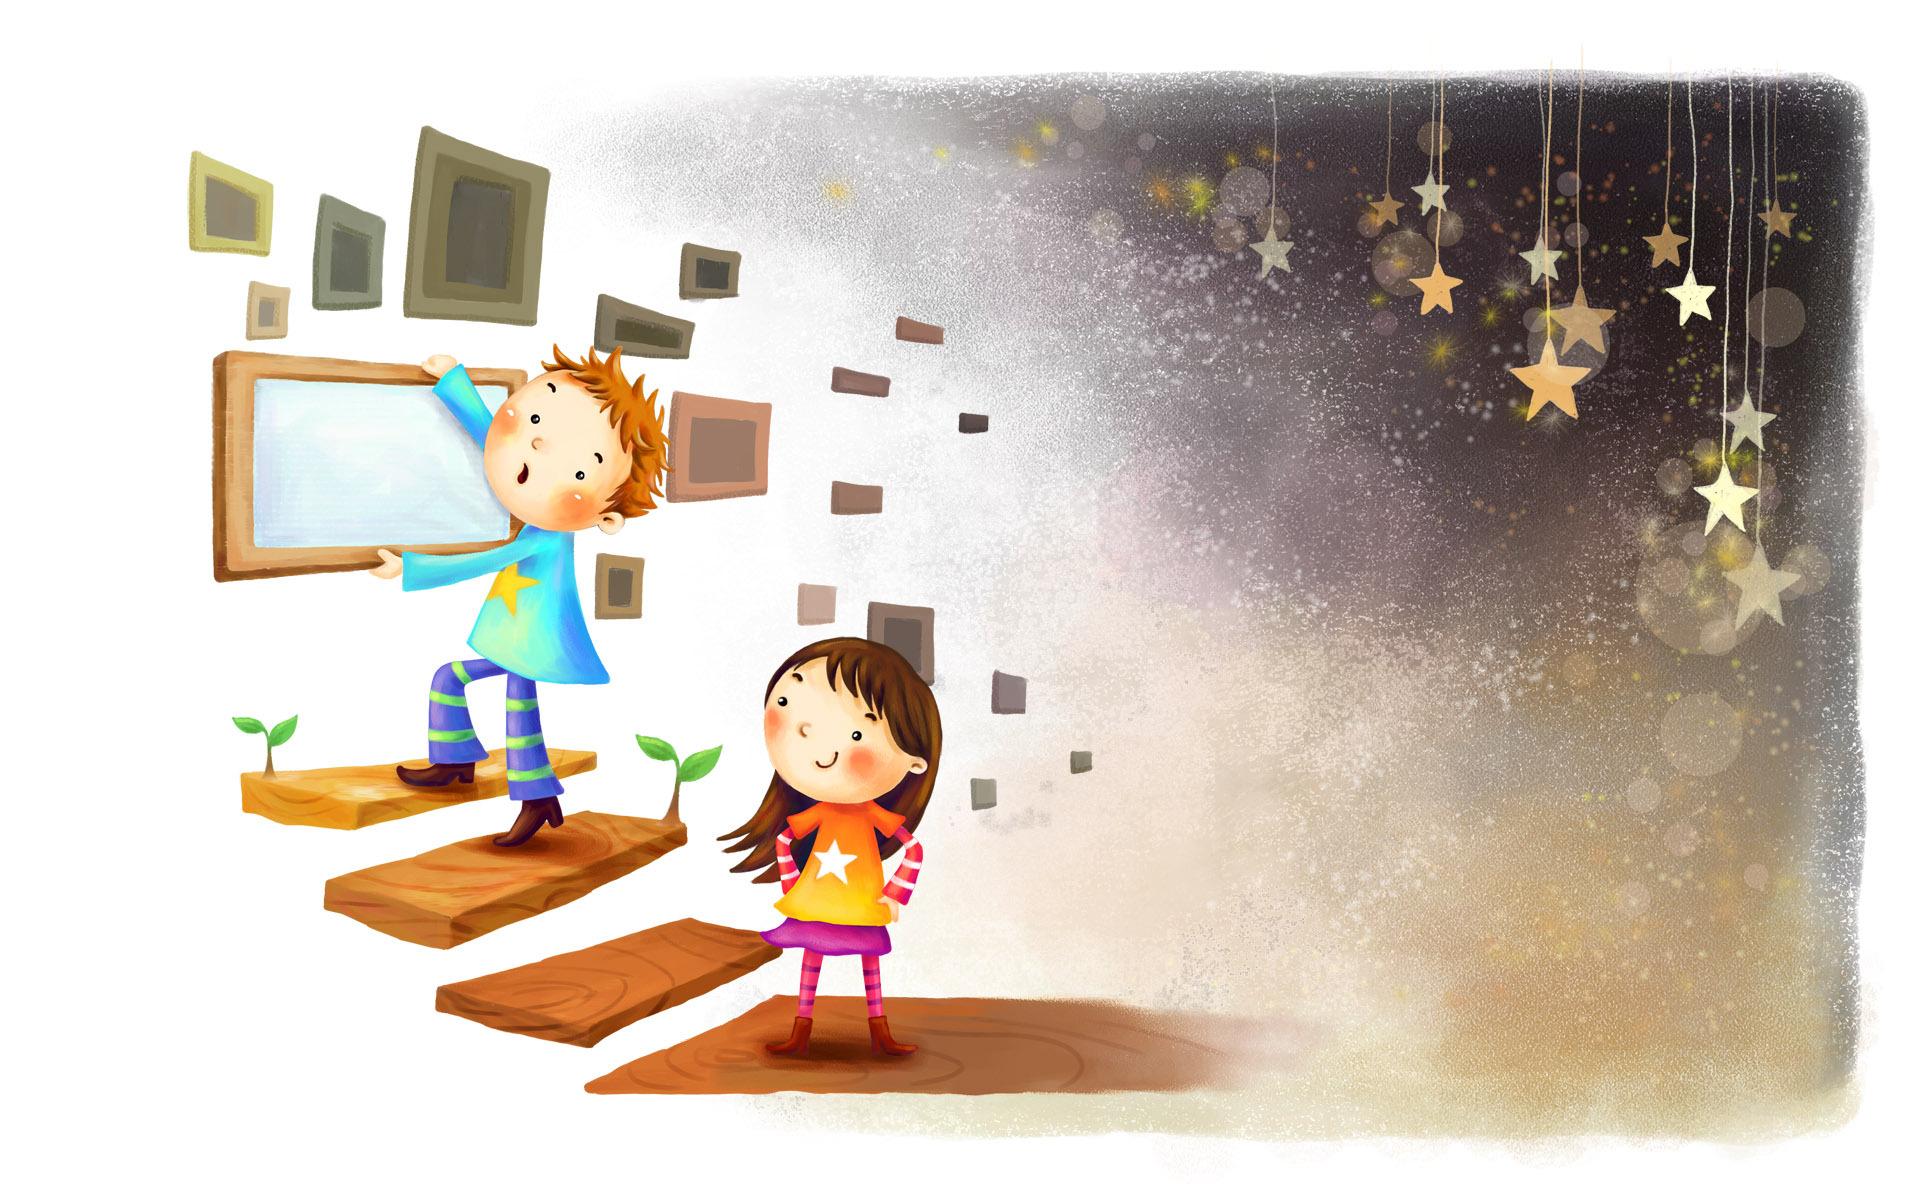 графика рисунок мальчик девочка  № 3349714 бесплатно